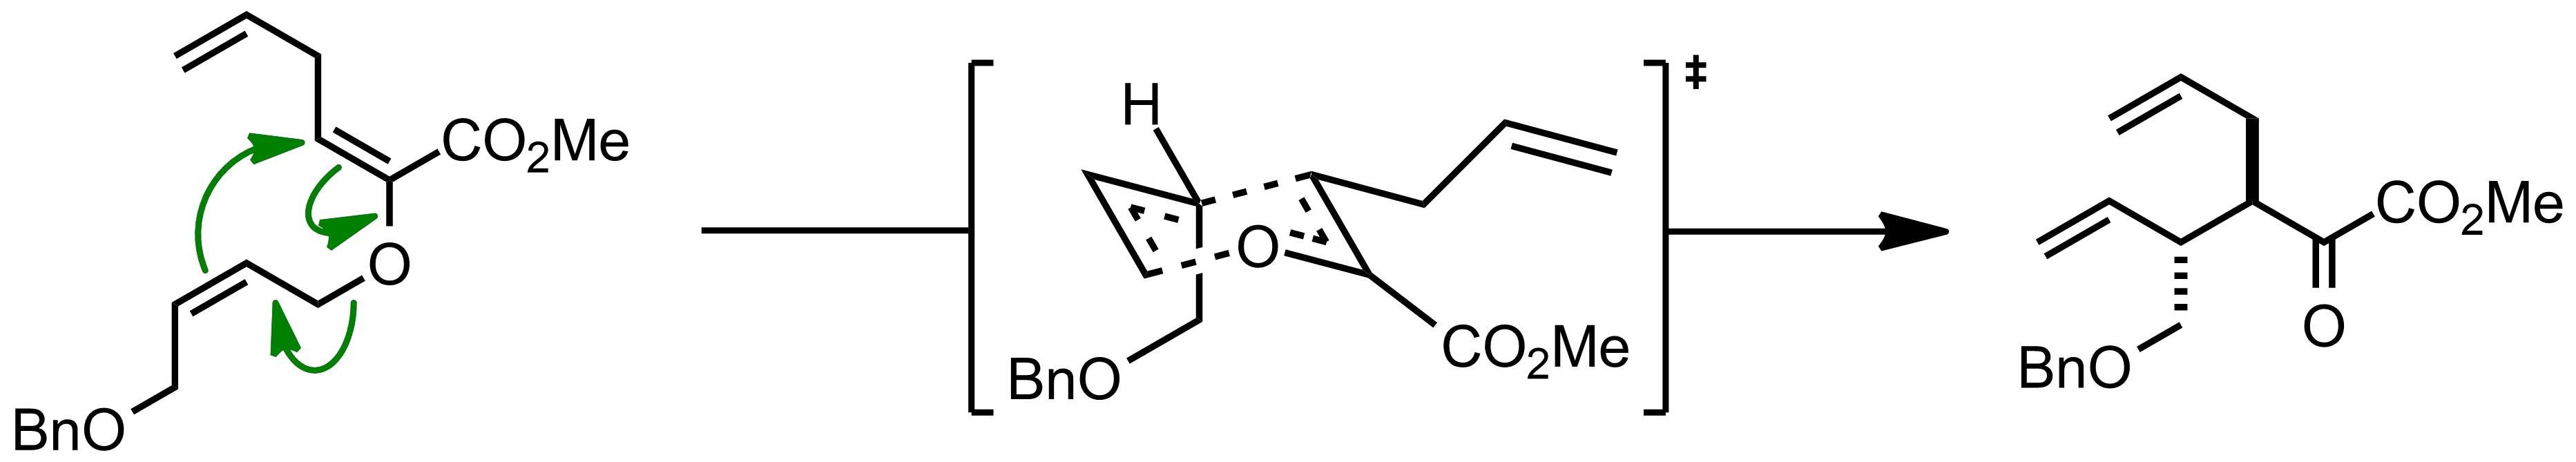 Mechanism of the Claisen Rearrangement